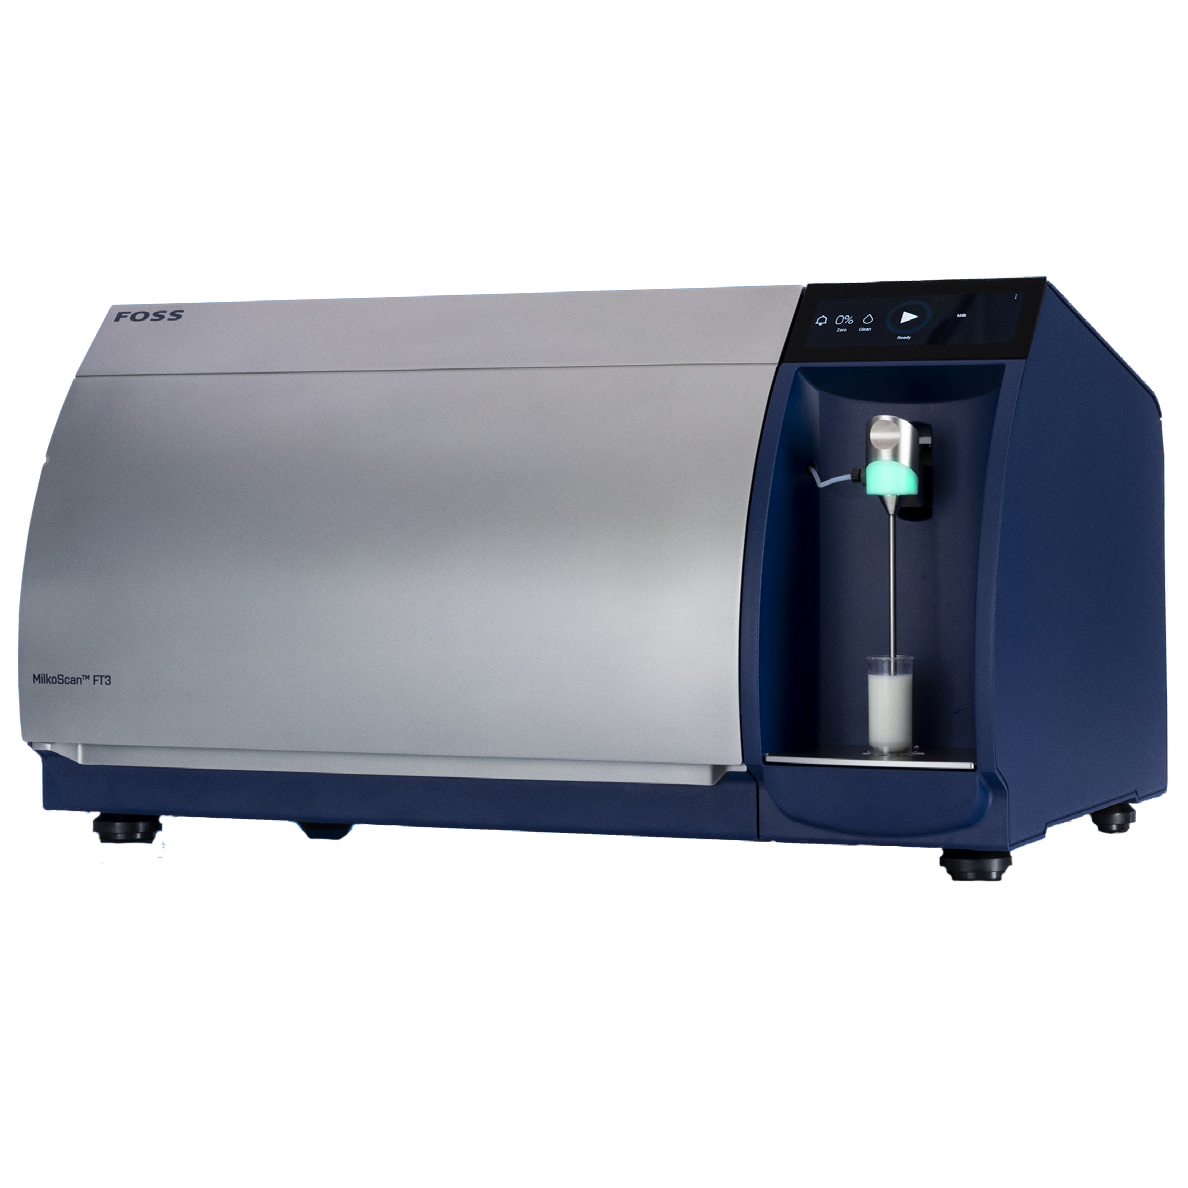 MilkoScan FT3